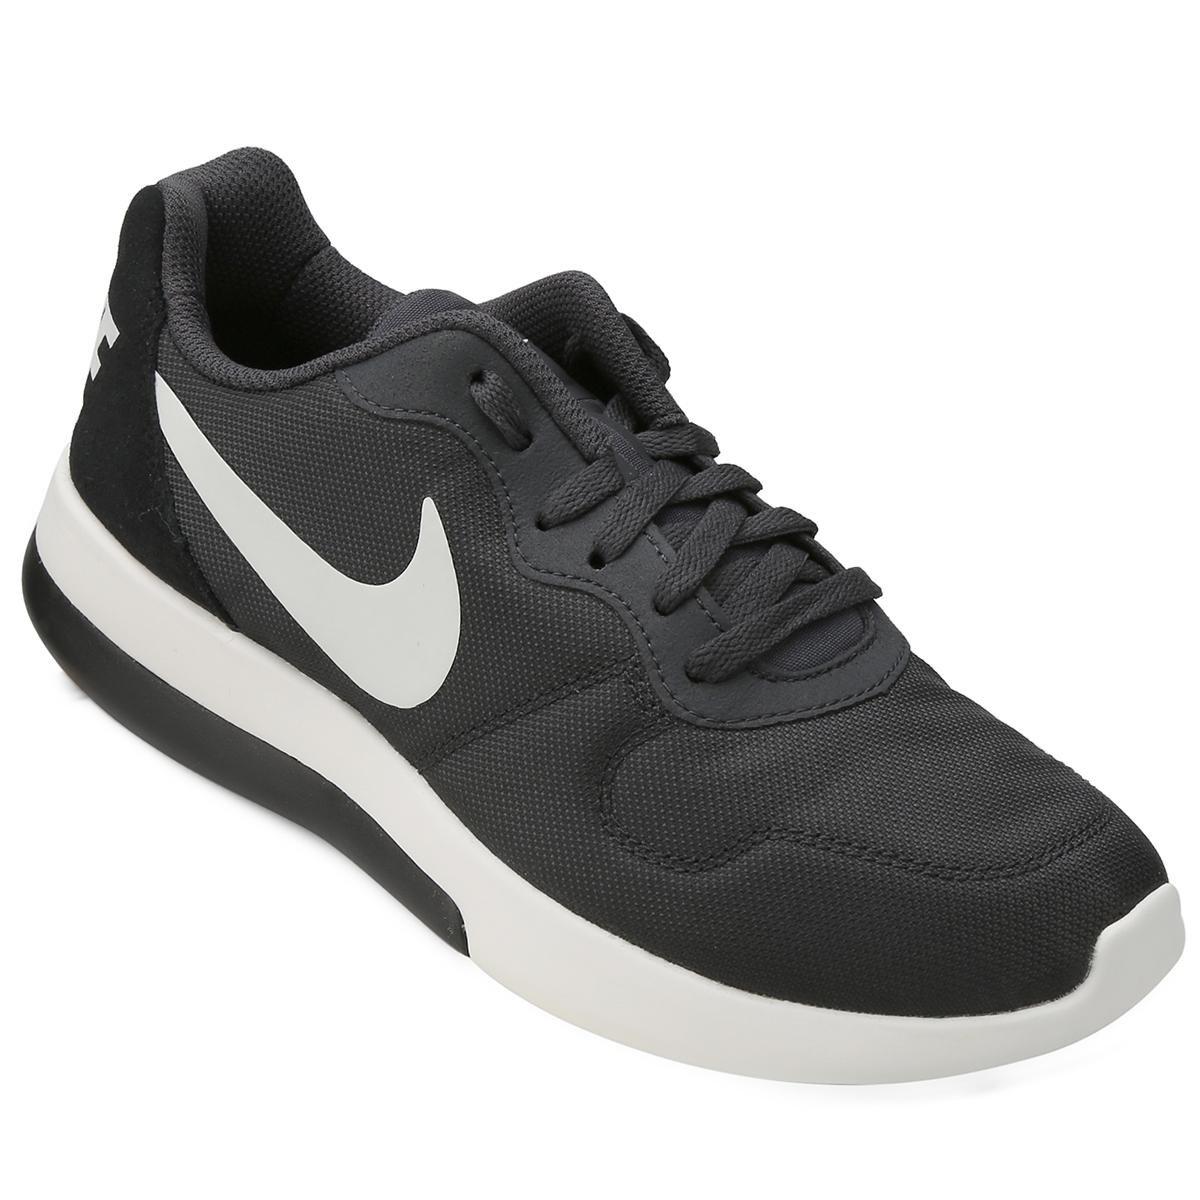 e779d100bf2 Tênis Nike Md Runner 2 Lw - Compre Agora